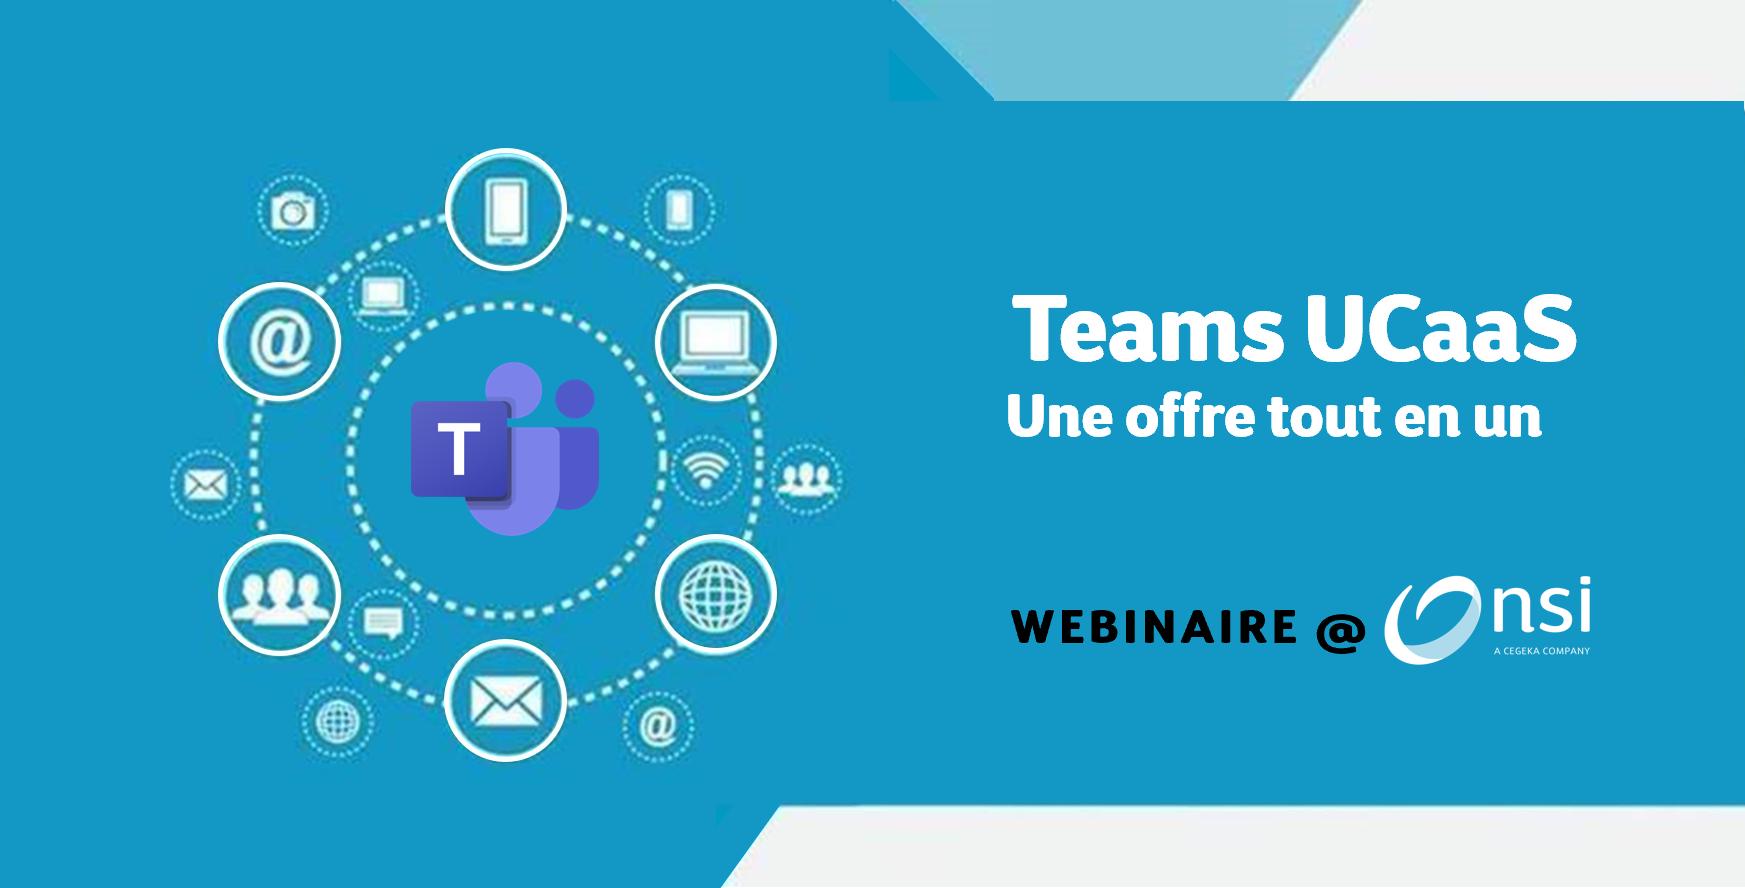 Webinaire - Teams UCaas - 24/06/2021